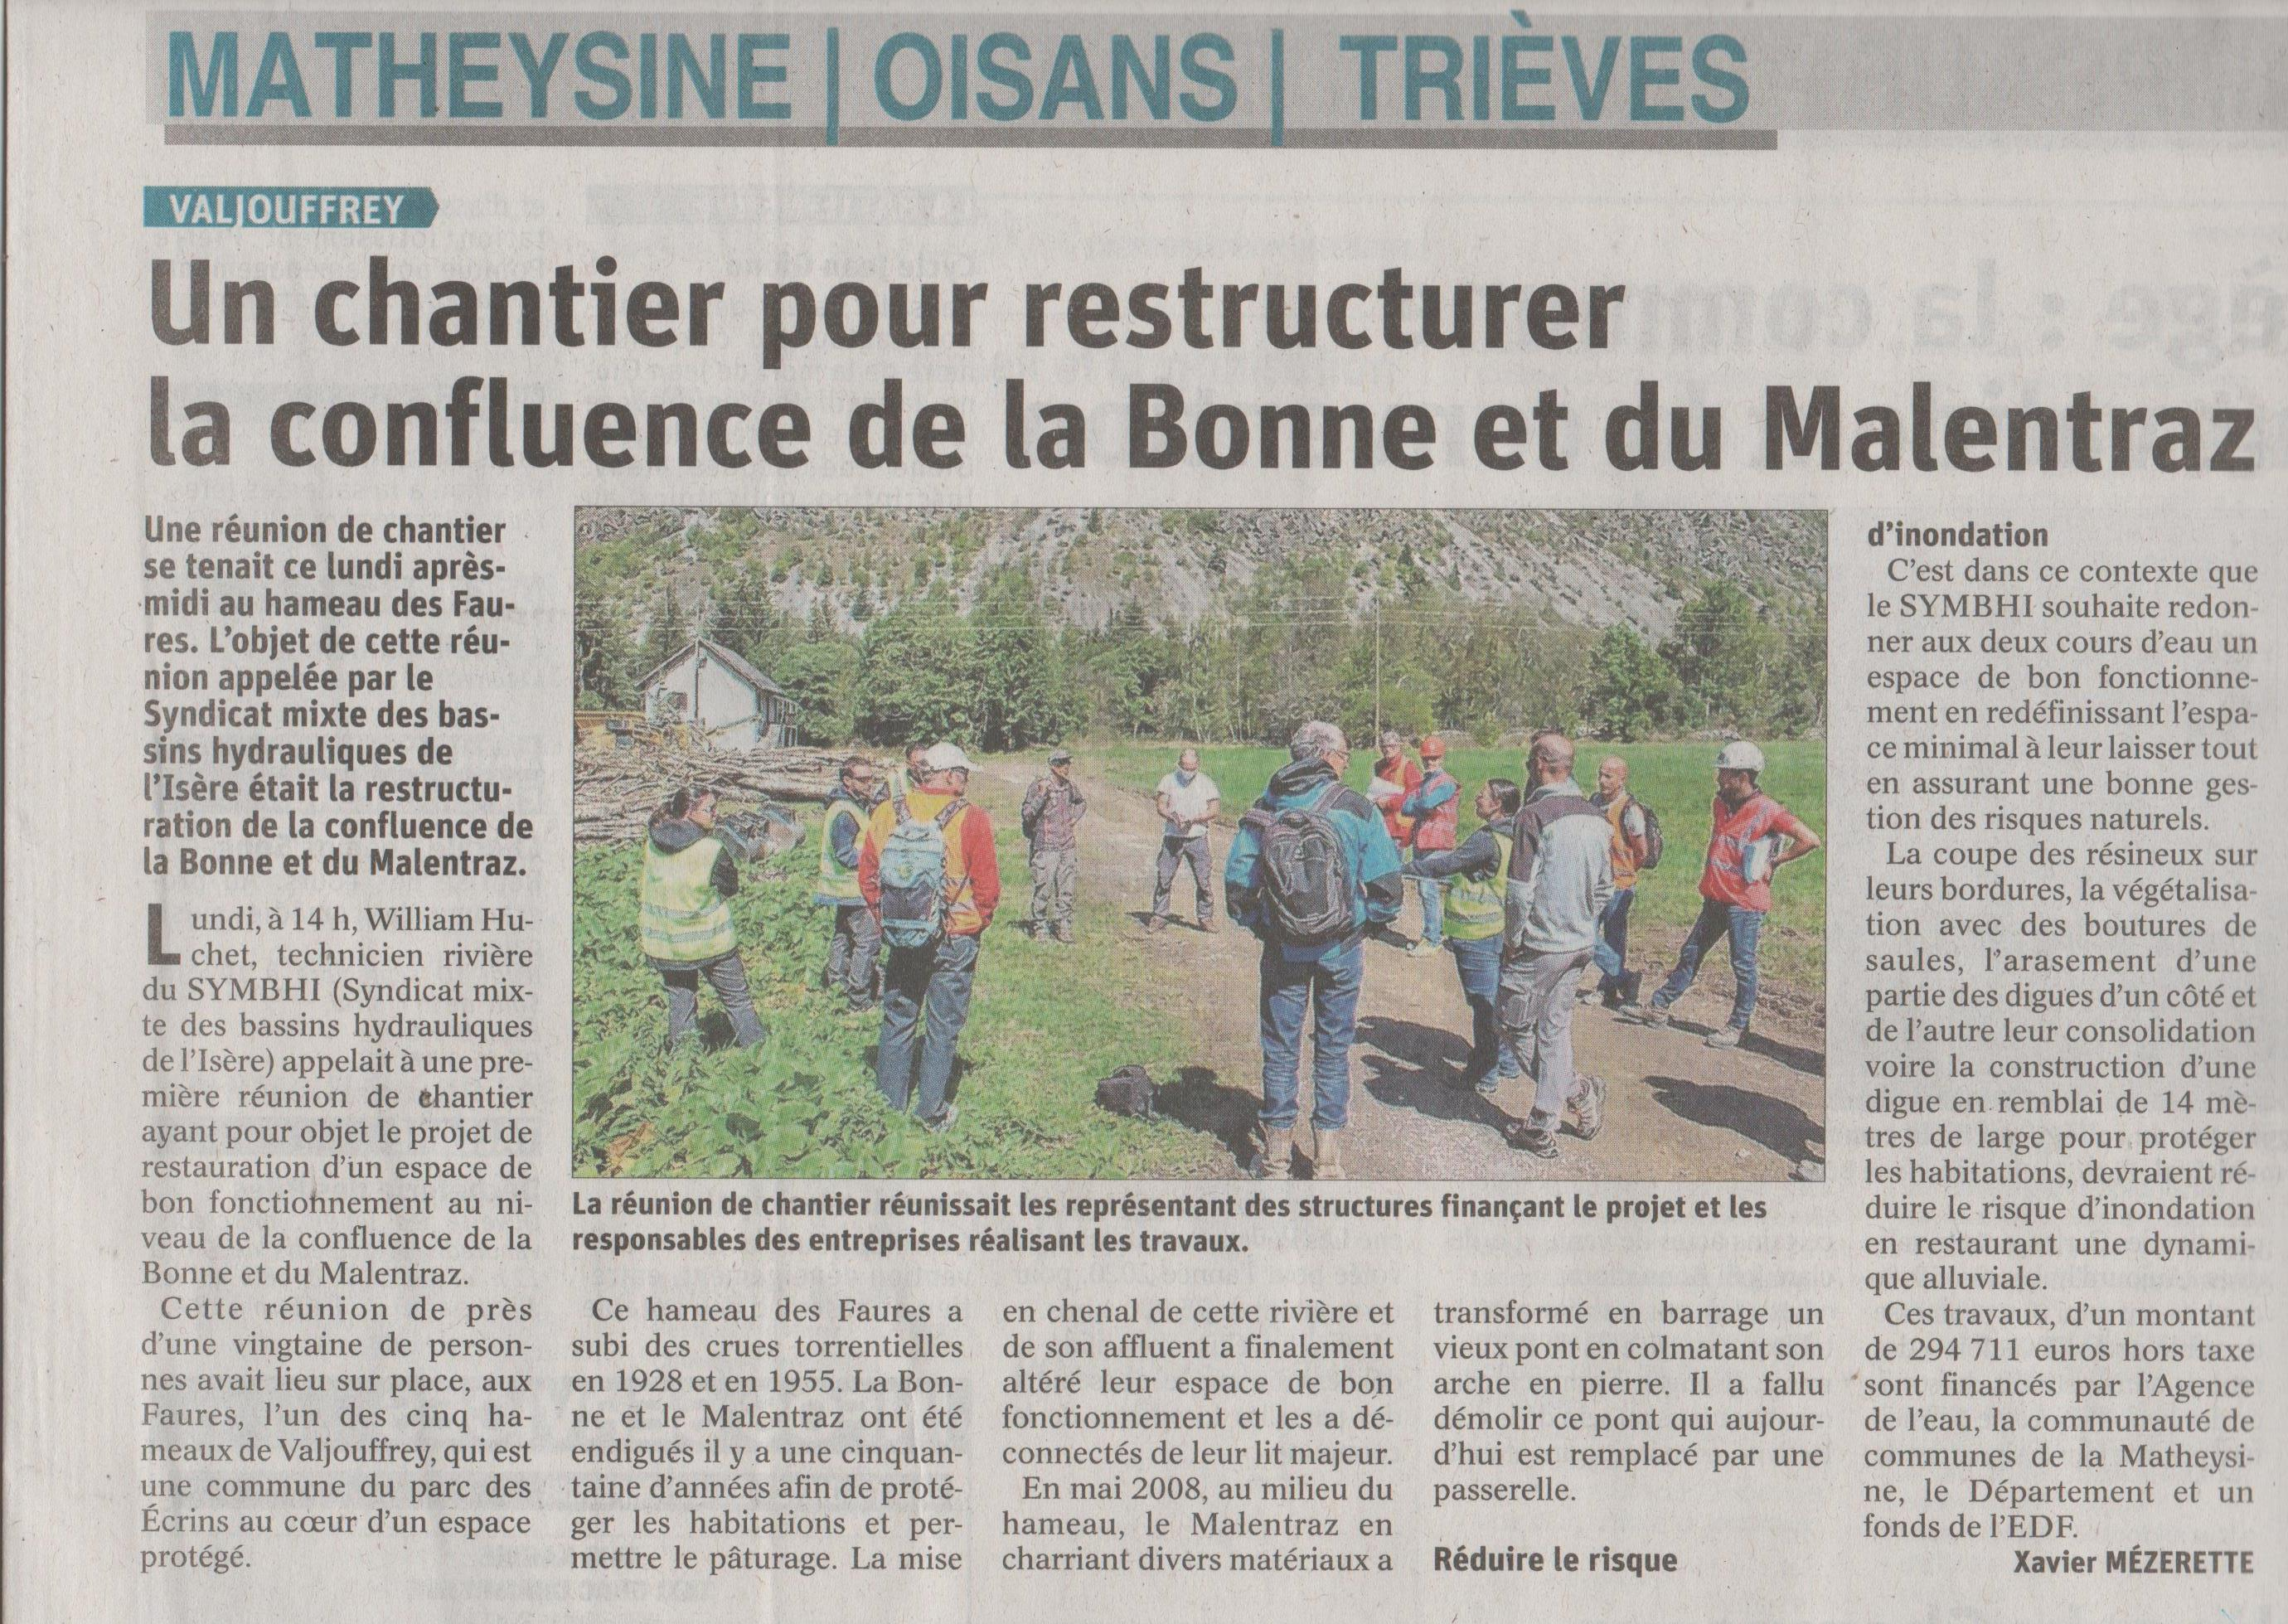 Restauration Bonne Malentraz -On en parle, article Dauphiné Libéré du 10 septembre 2020 UT Drac